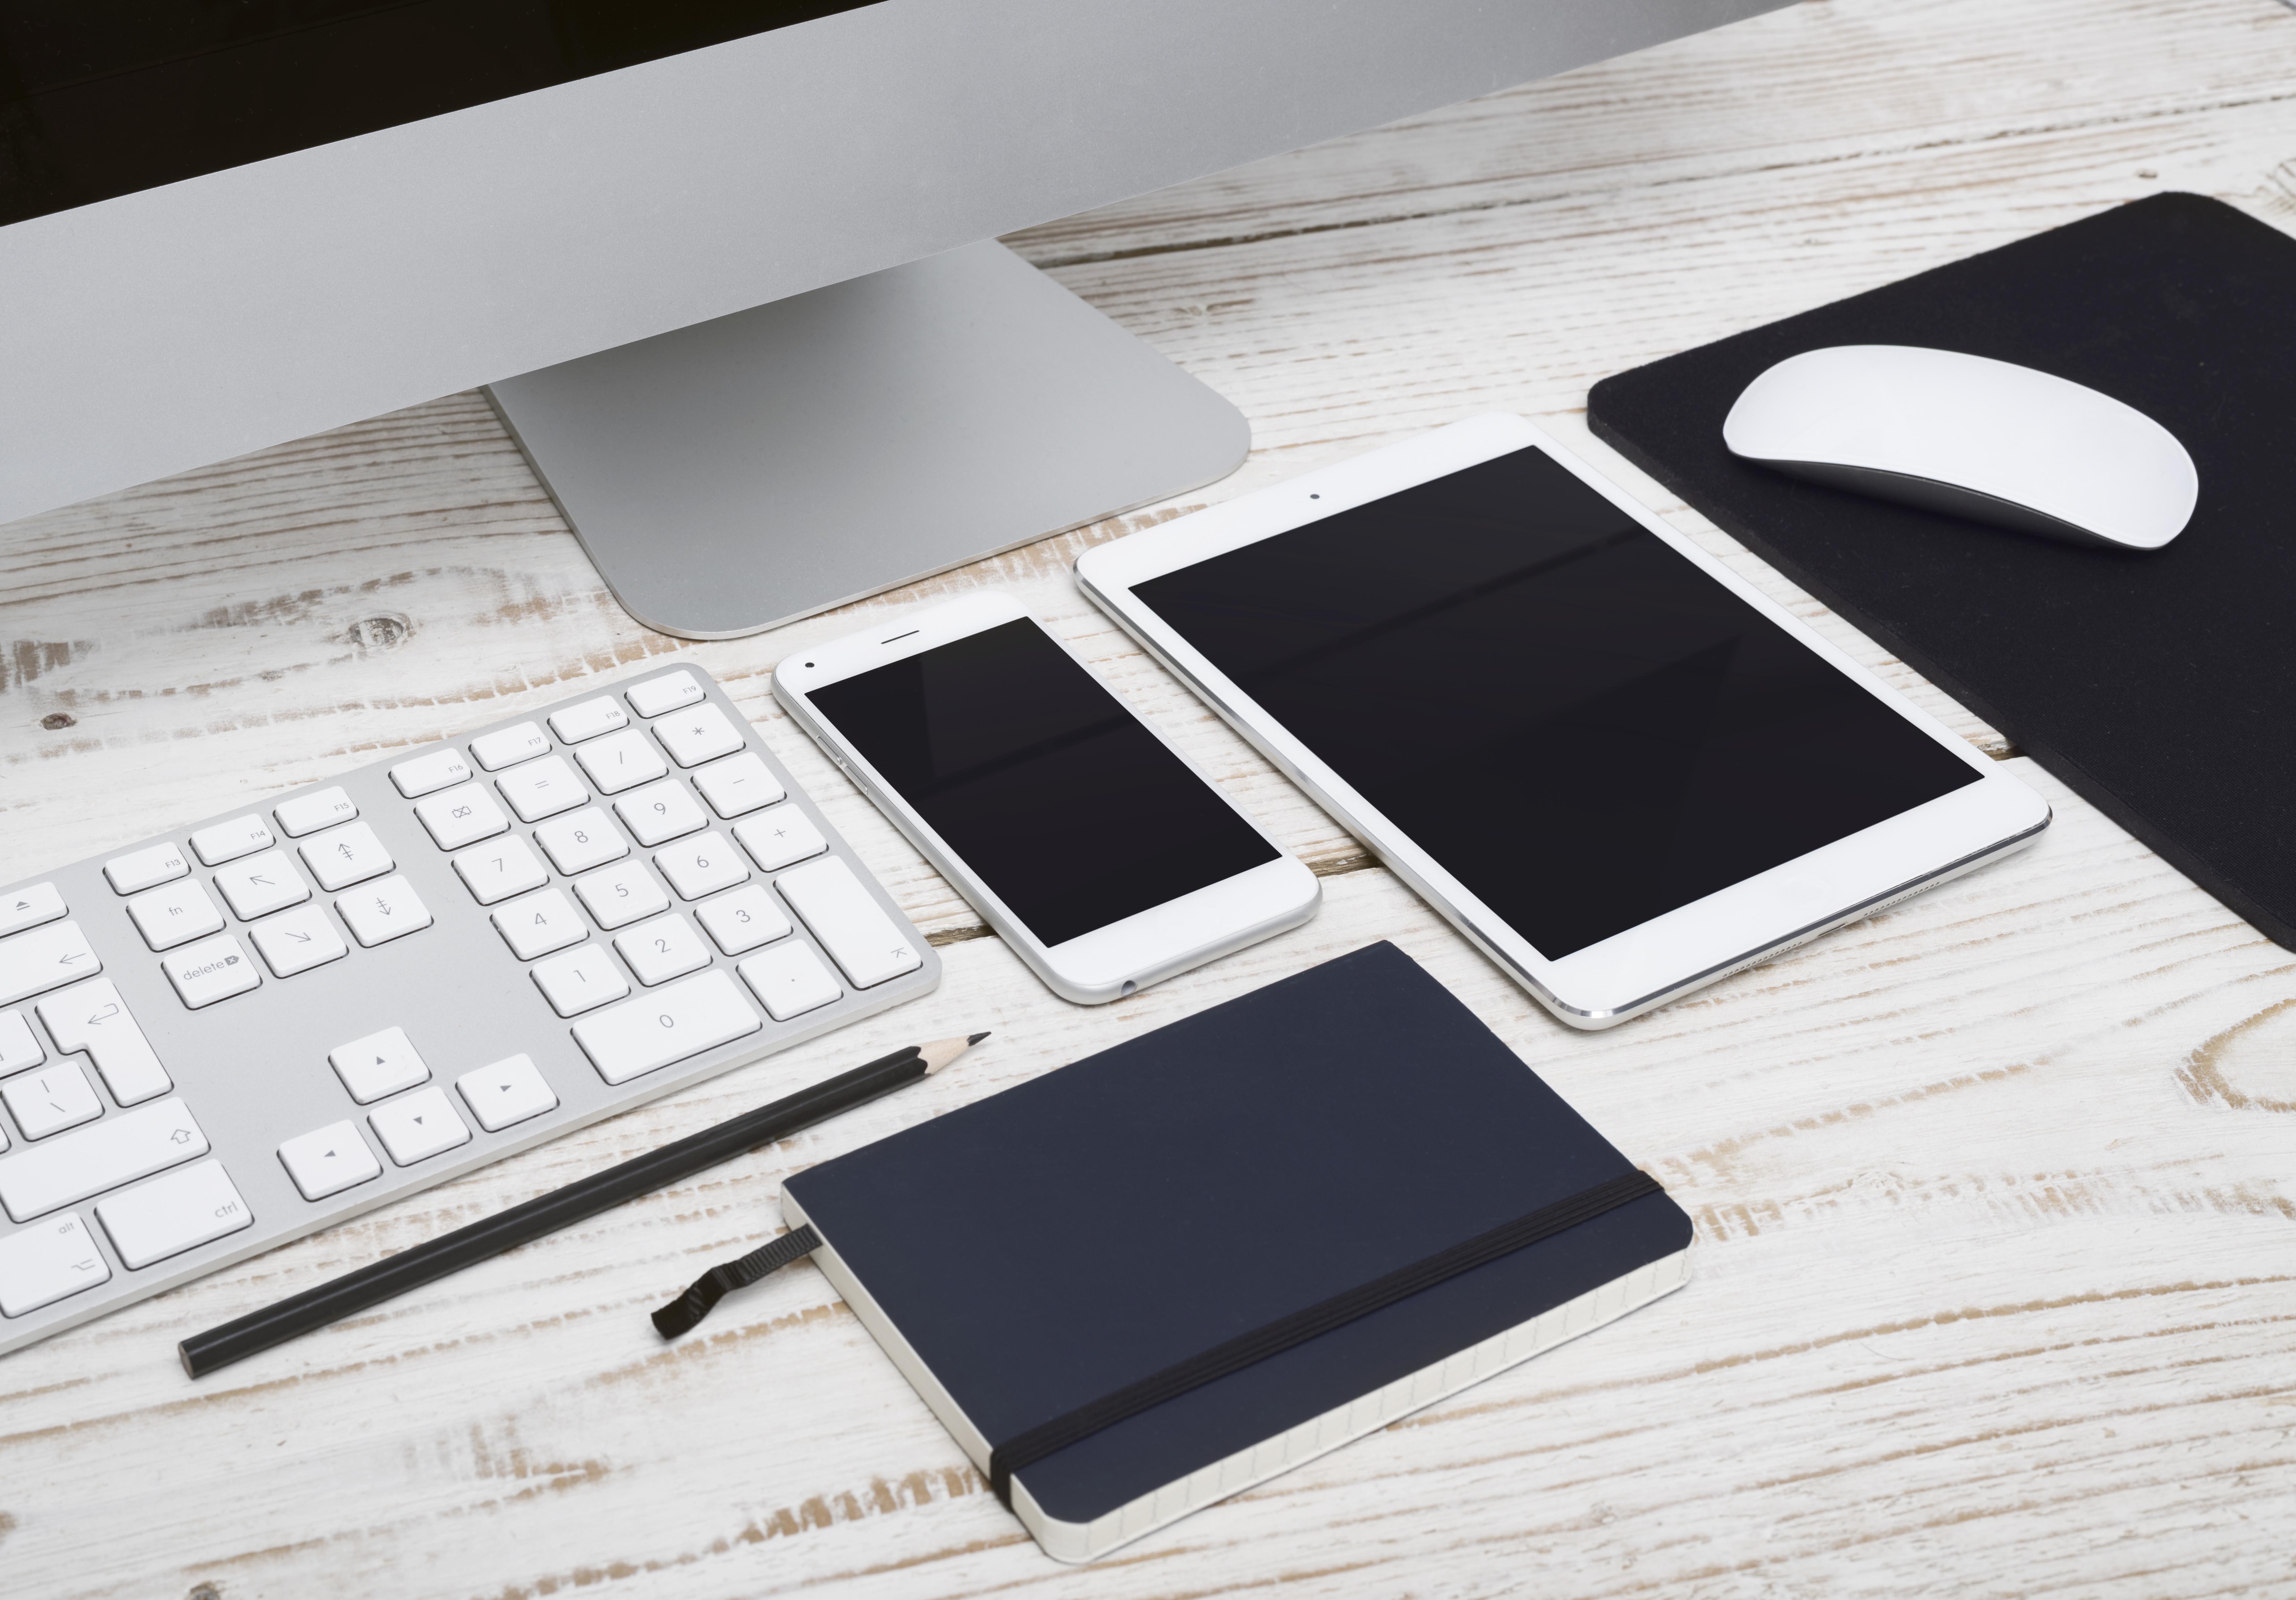 Ordinateur Mac, iPhone et iPad sur un bureau pour illustrer l'interconnectivité des produits Apple en entreprise selon ALis Business